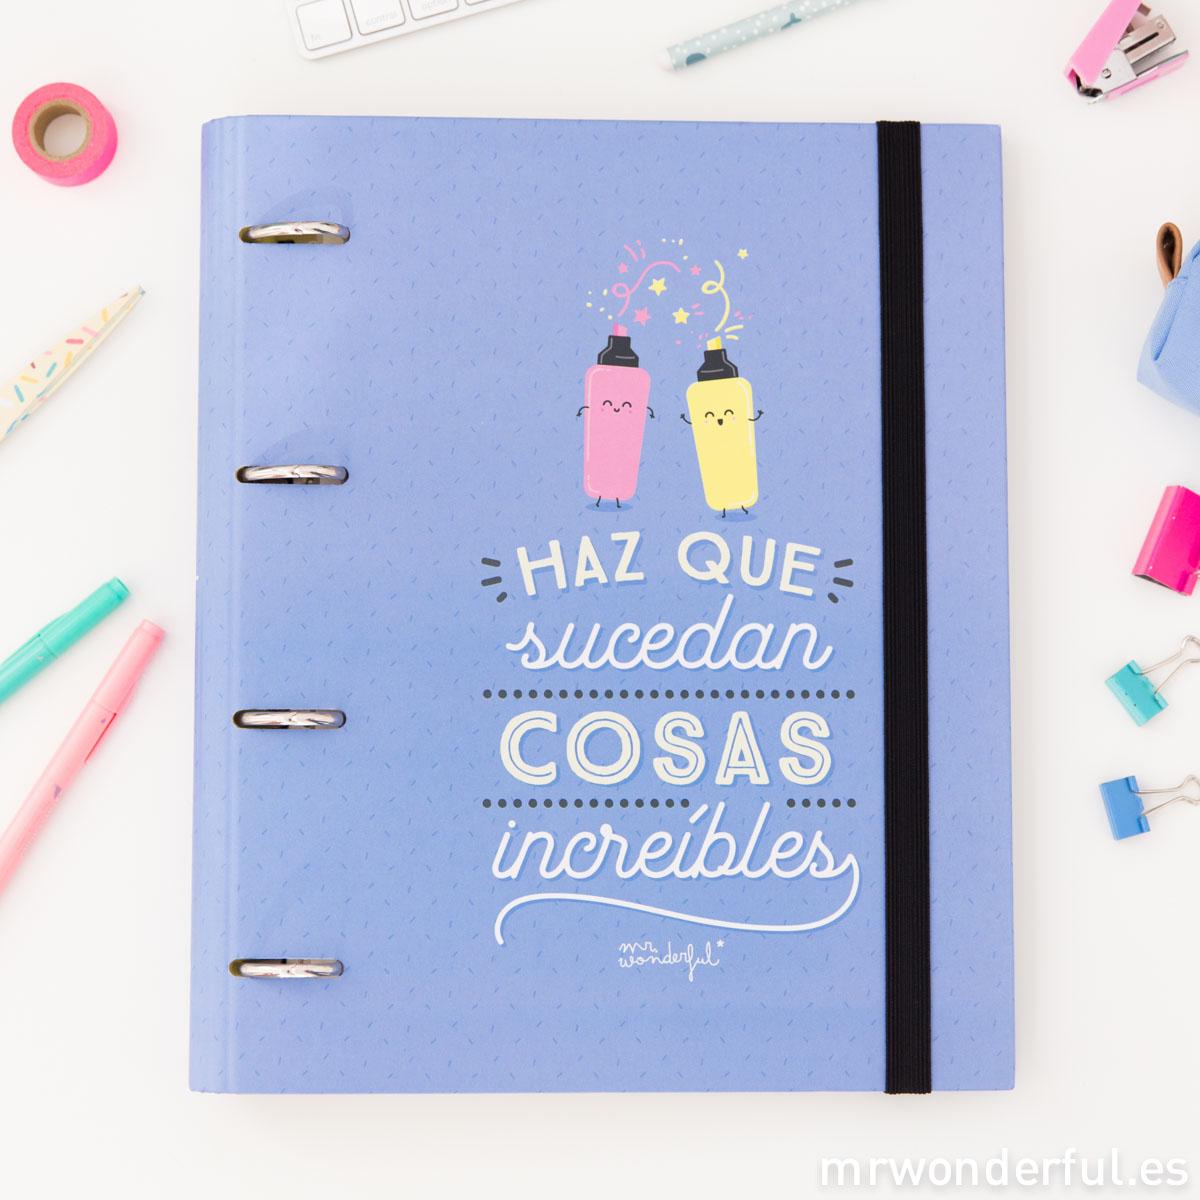 mrwonderful_8435460707459_WOA03711ES_carpeta-con-anillas_haz-que-sucedan-cosas-increibles_CAST-3